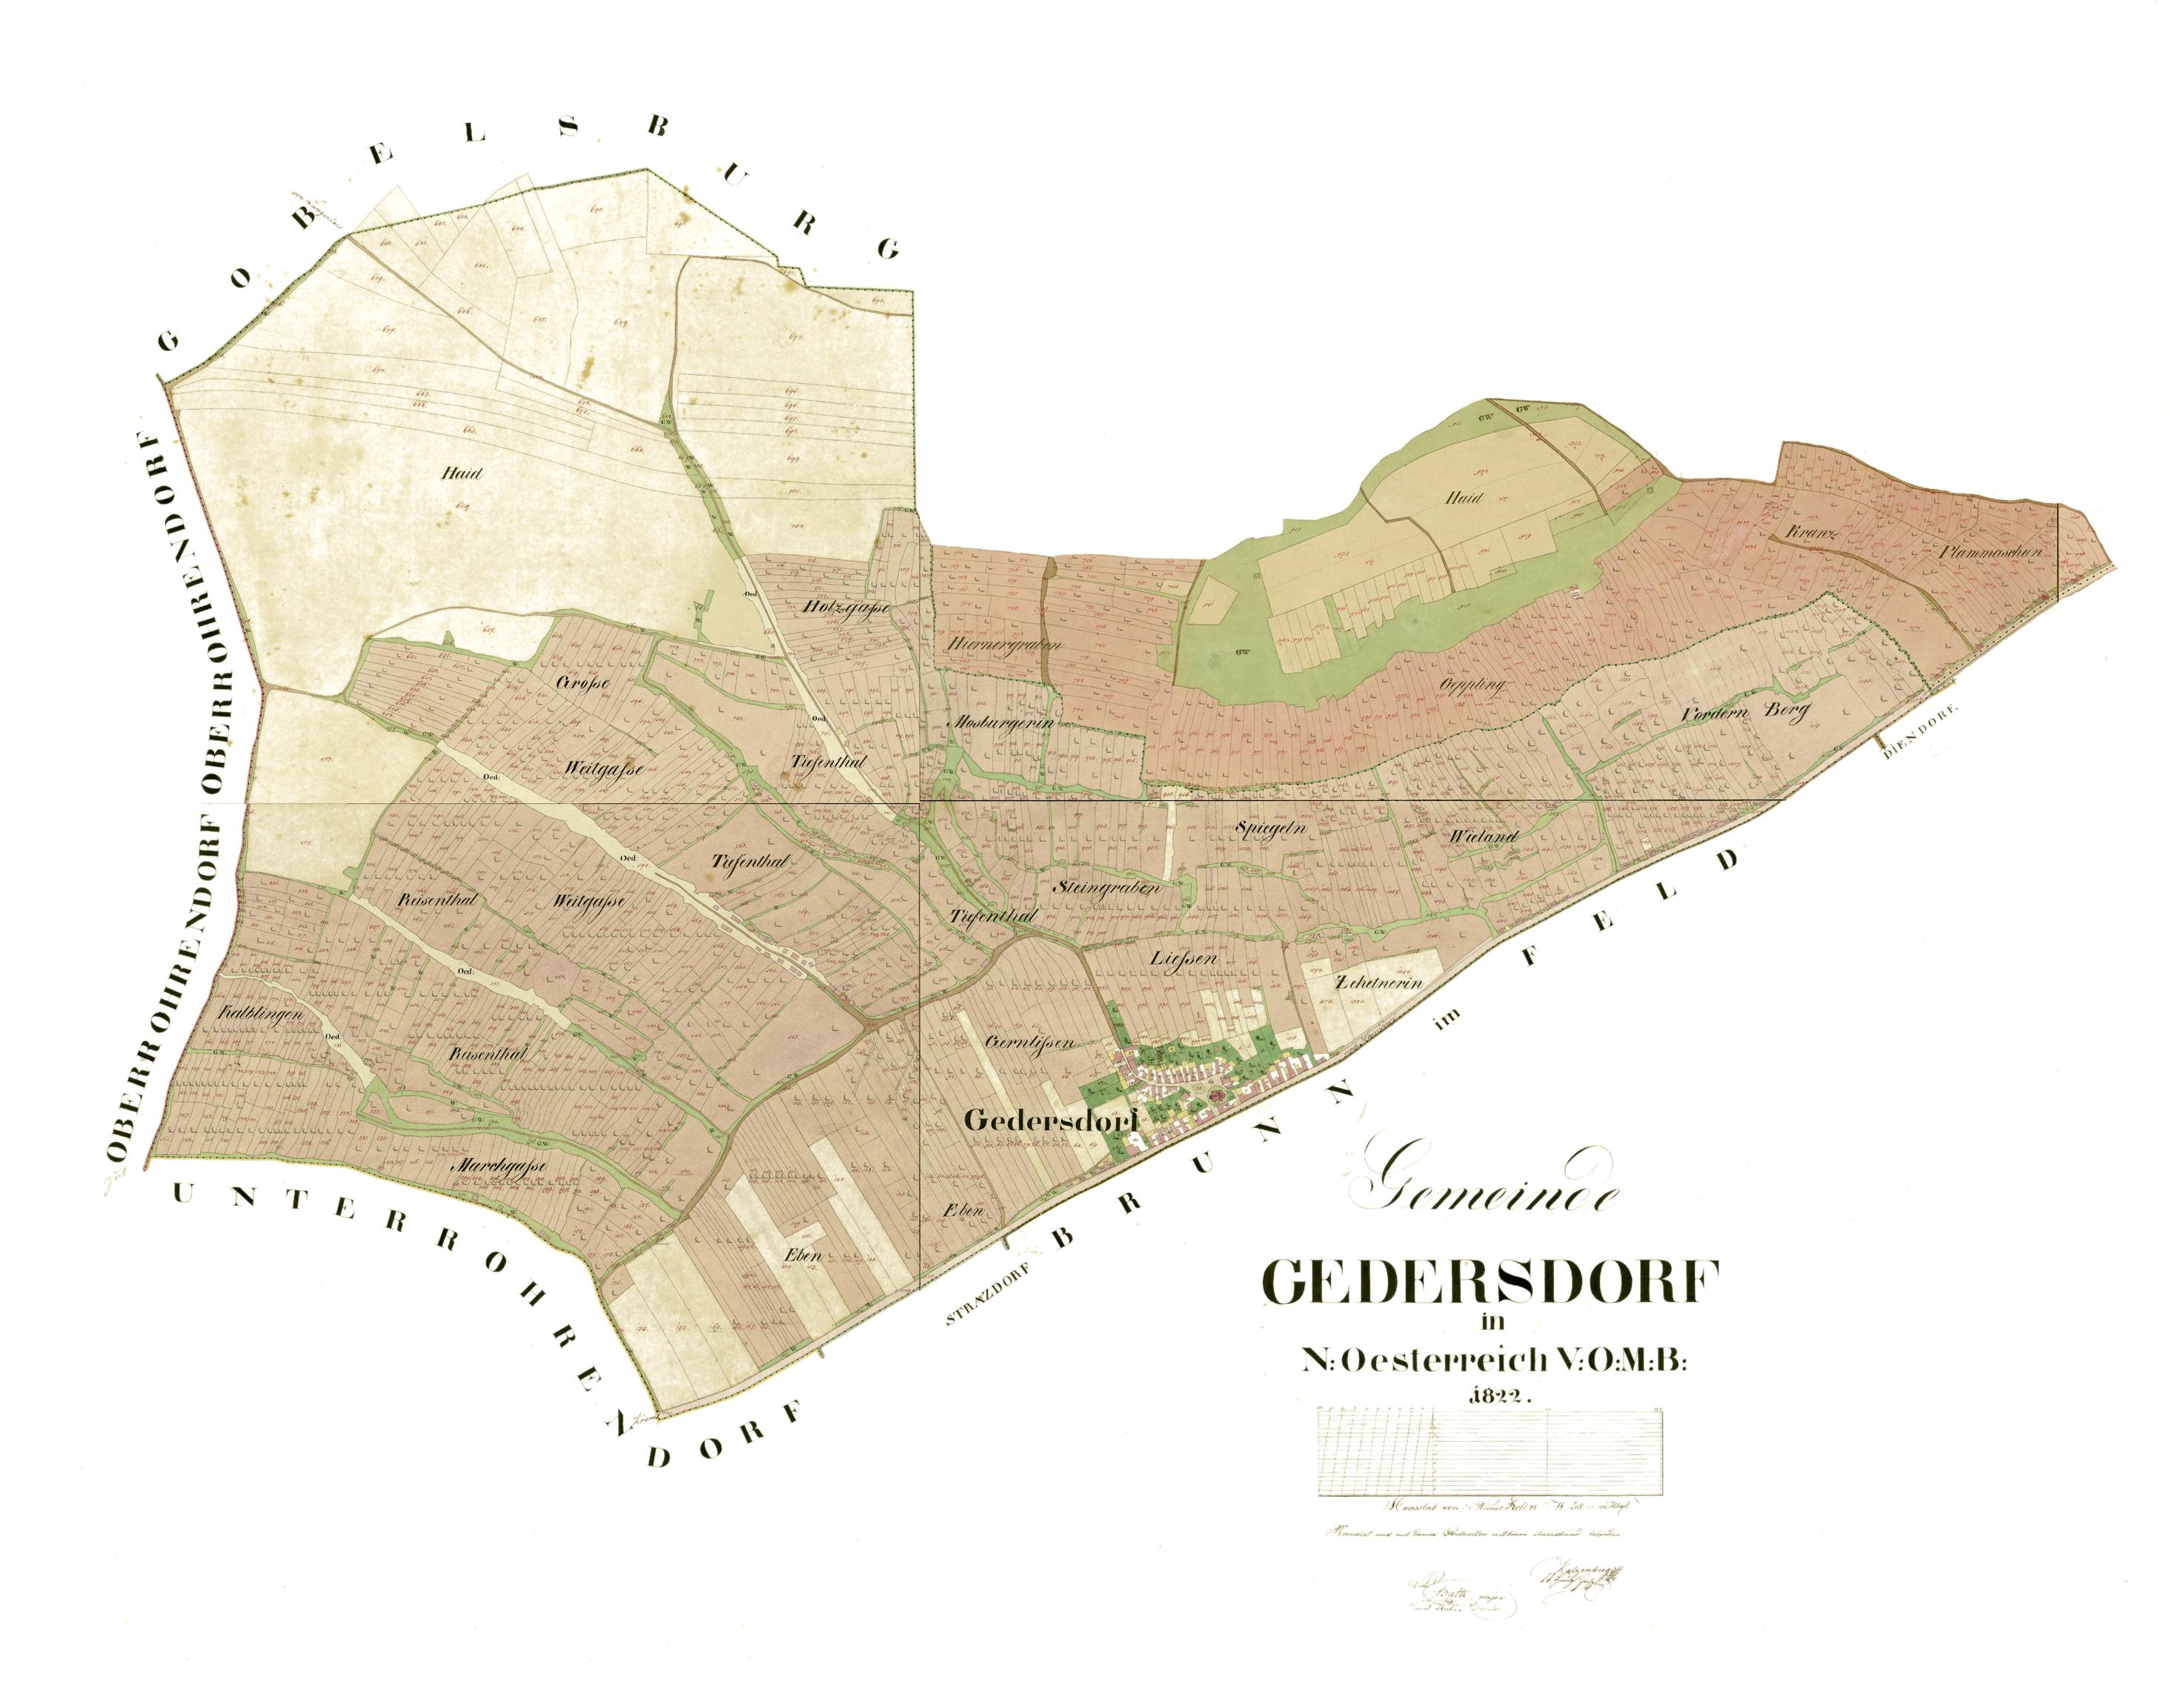 riedenkarte; kataster; tradition; mantlerhof; gedersdorf; brunn im felde; weingut;